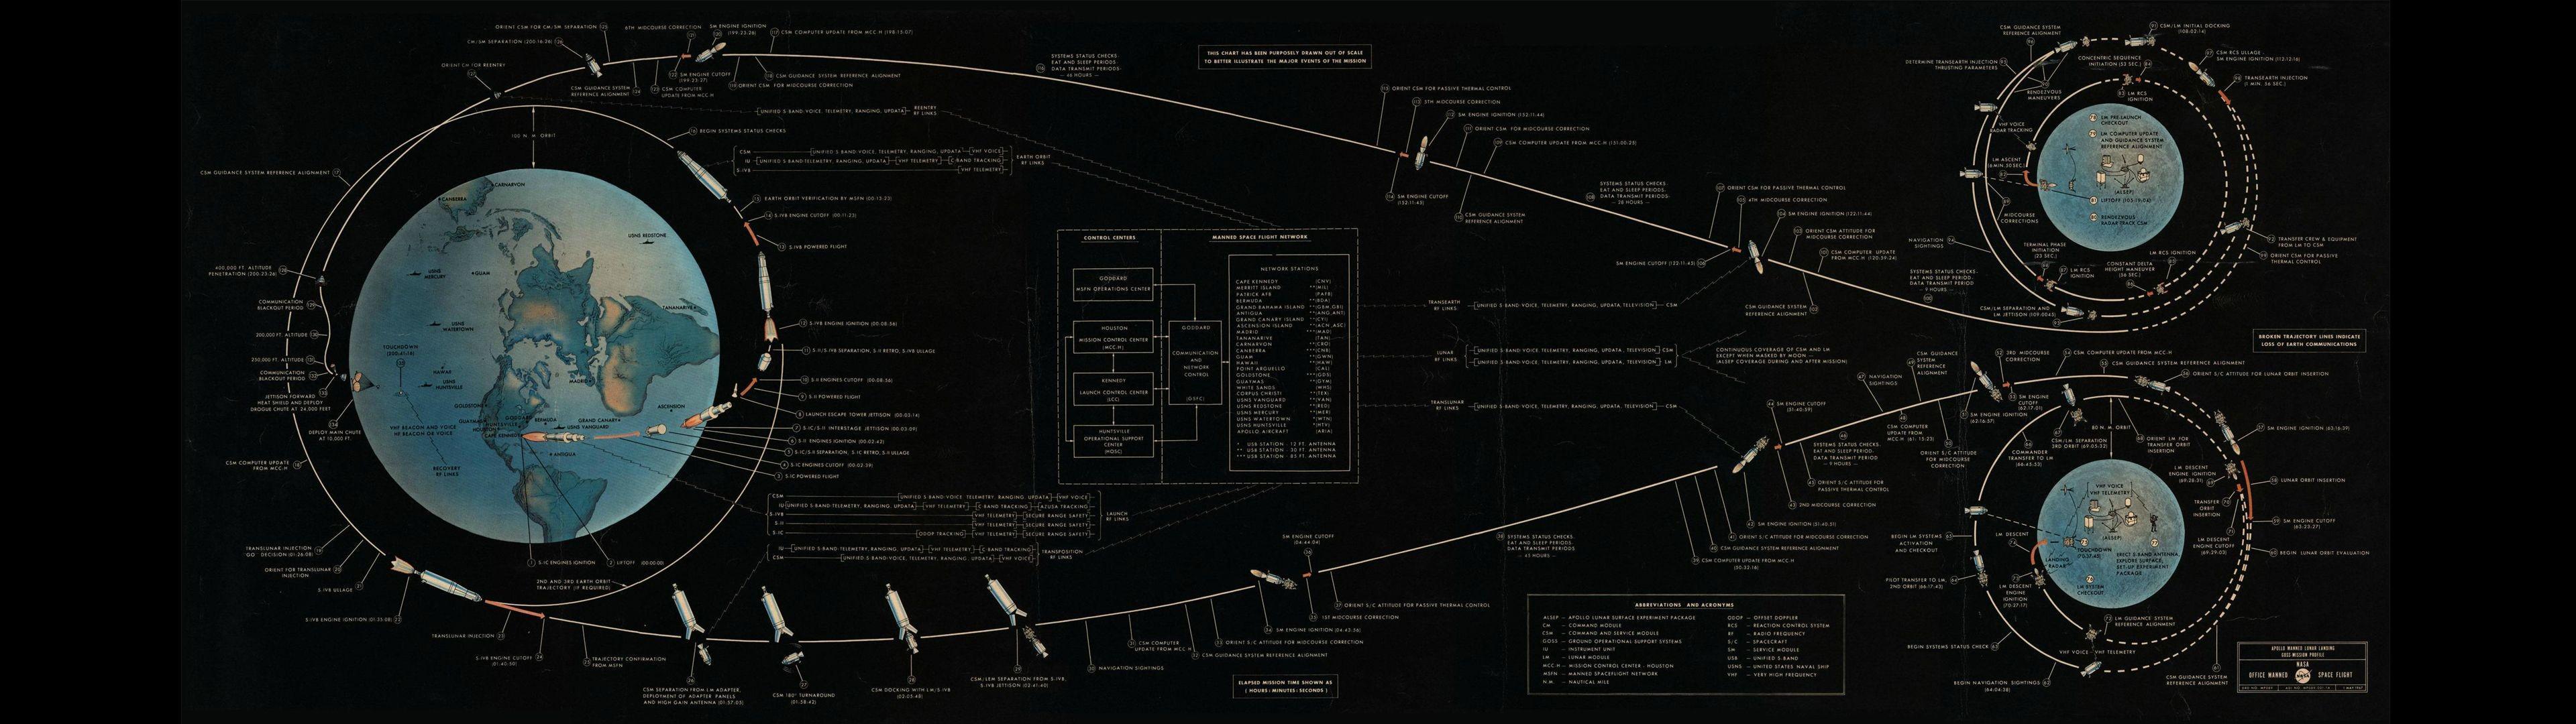 Hd Wallpaper For Extended Desktop